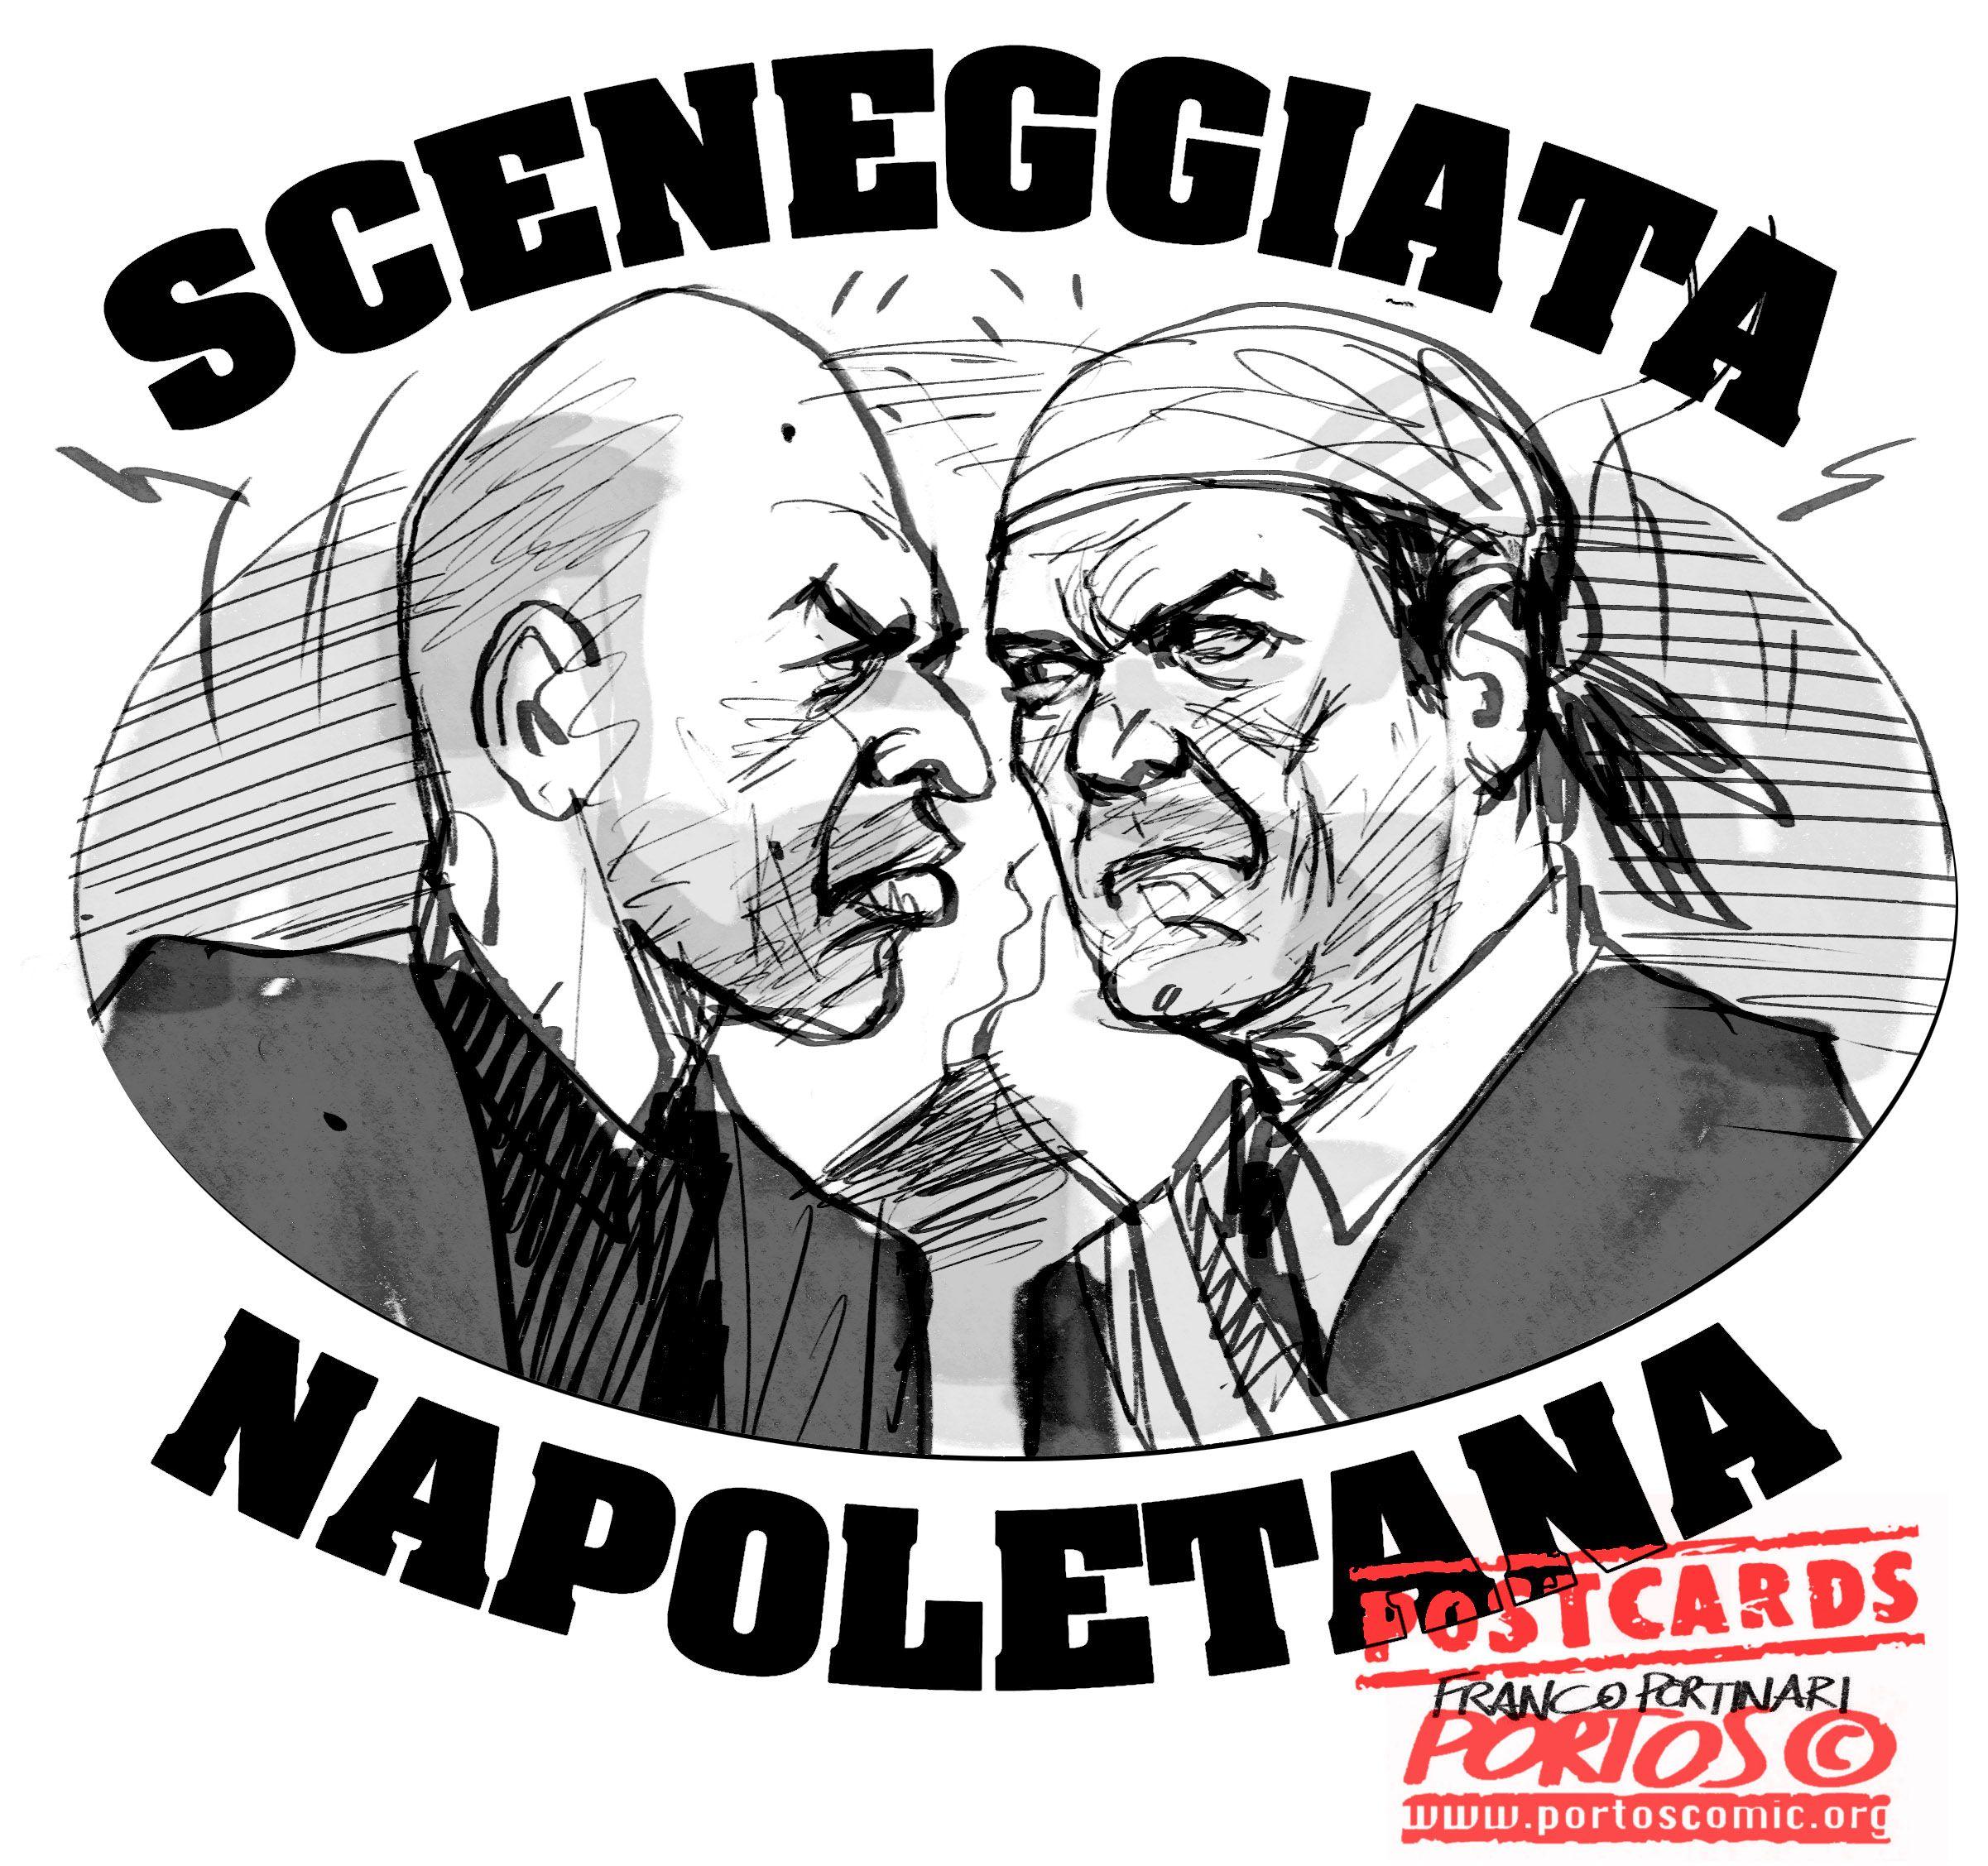 www.portoscomic.org | Vignette e caricature made in Italy. Riproduzione vietata senza autorizzazione. Copyright PORTOSCOMIC.ORG